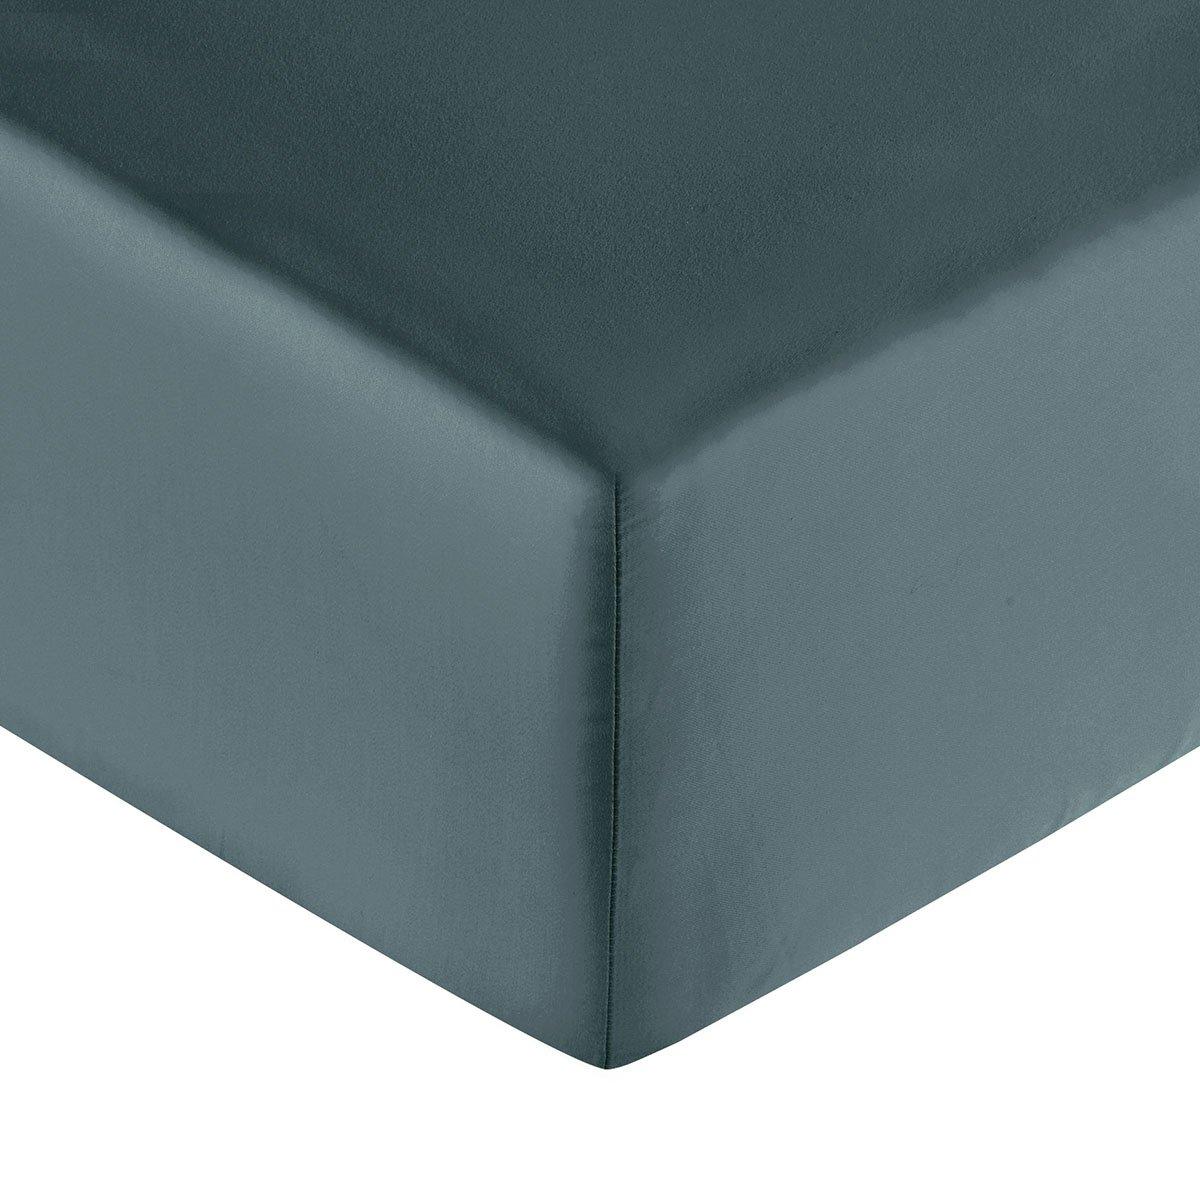 Drap housse coton 160x200 cm minéral